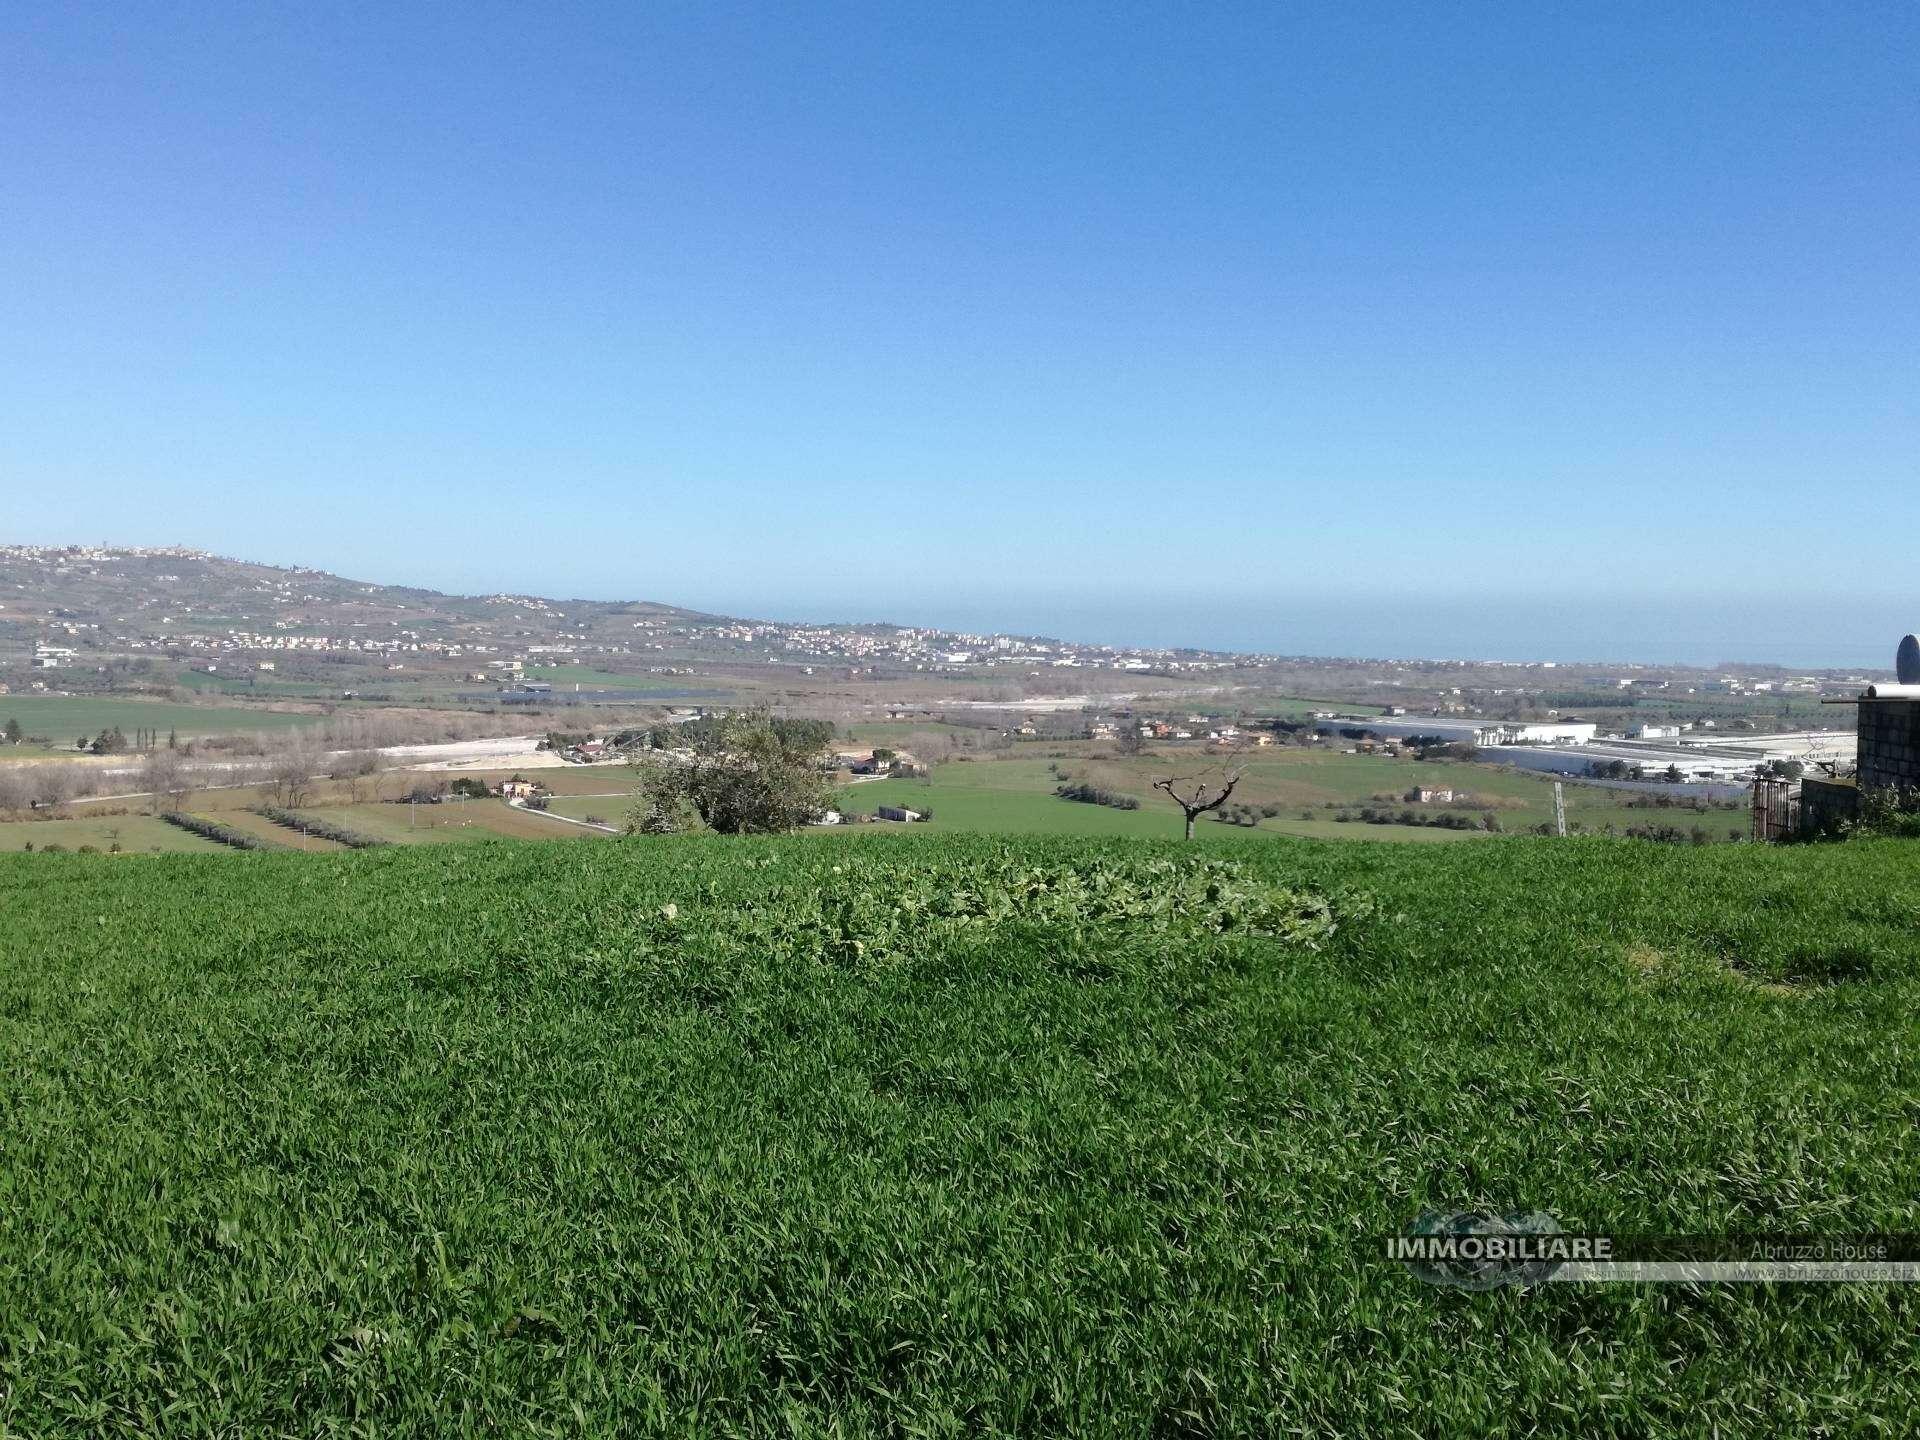 Terreno agricolo in vendita a atri - Diritto di passaggio su terreno agricolo ...